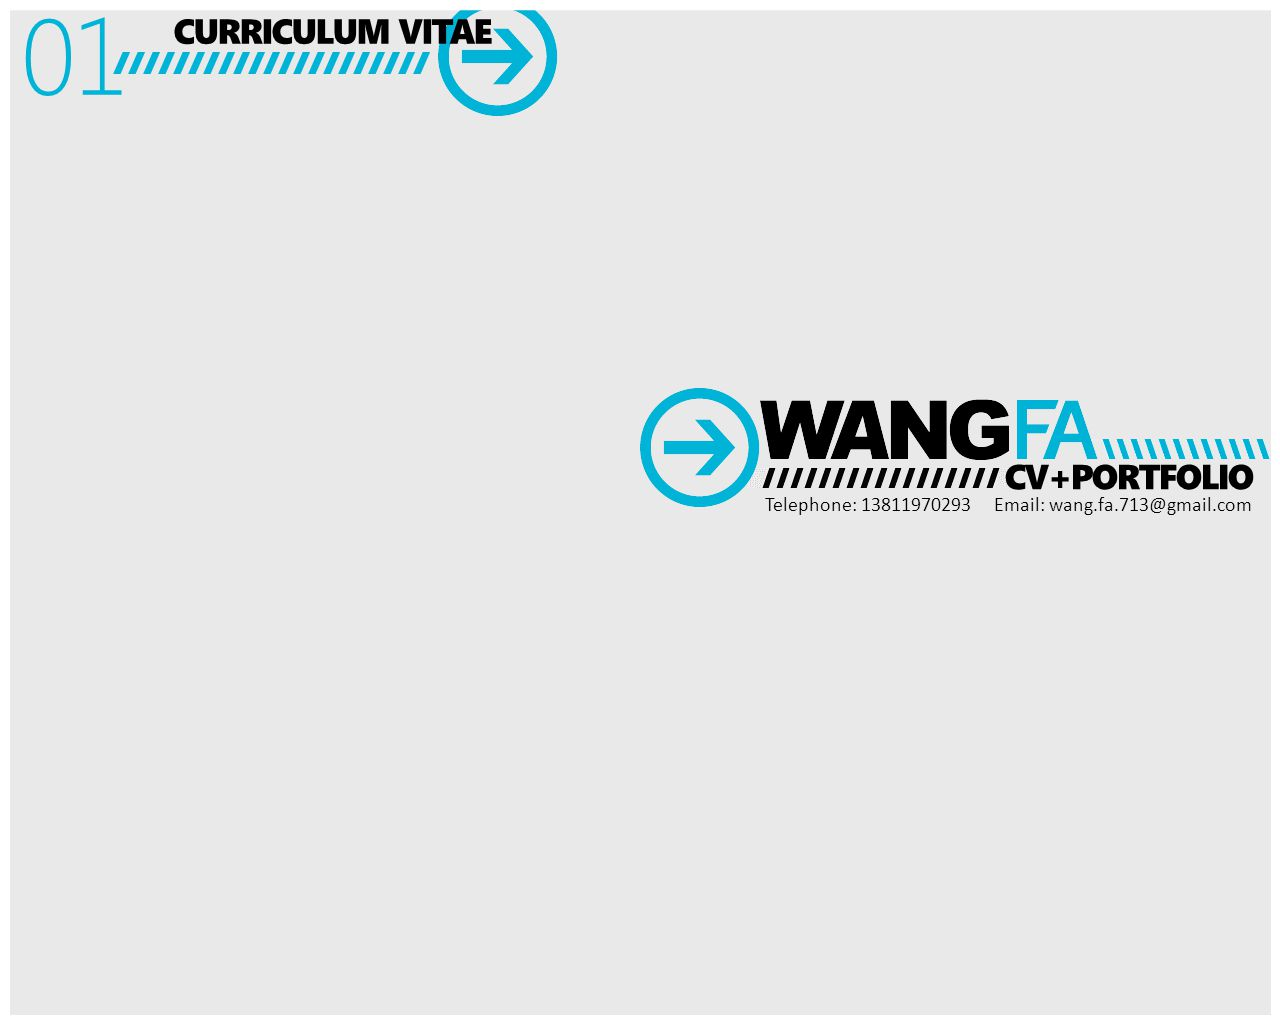 CV+PORTFOLIO Telephone: 13811970293 Email: wang.fa.713@gmail.com CURRICULUM VITAE 01